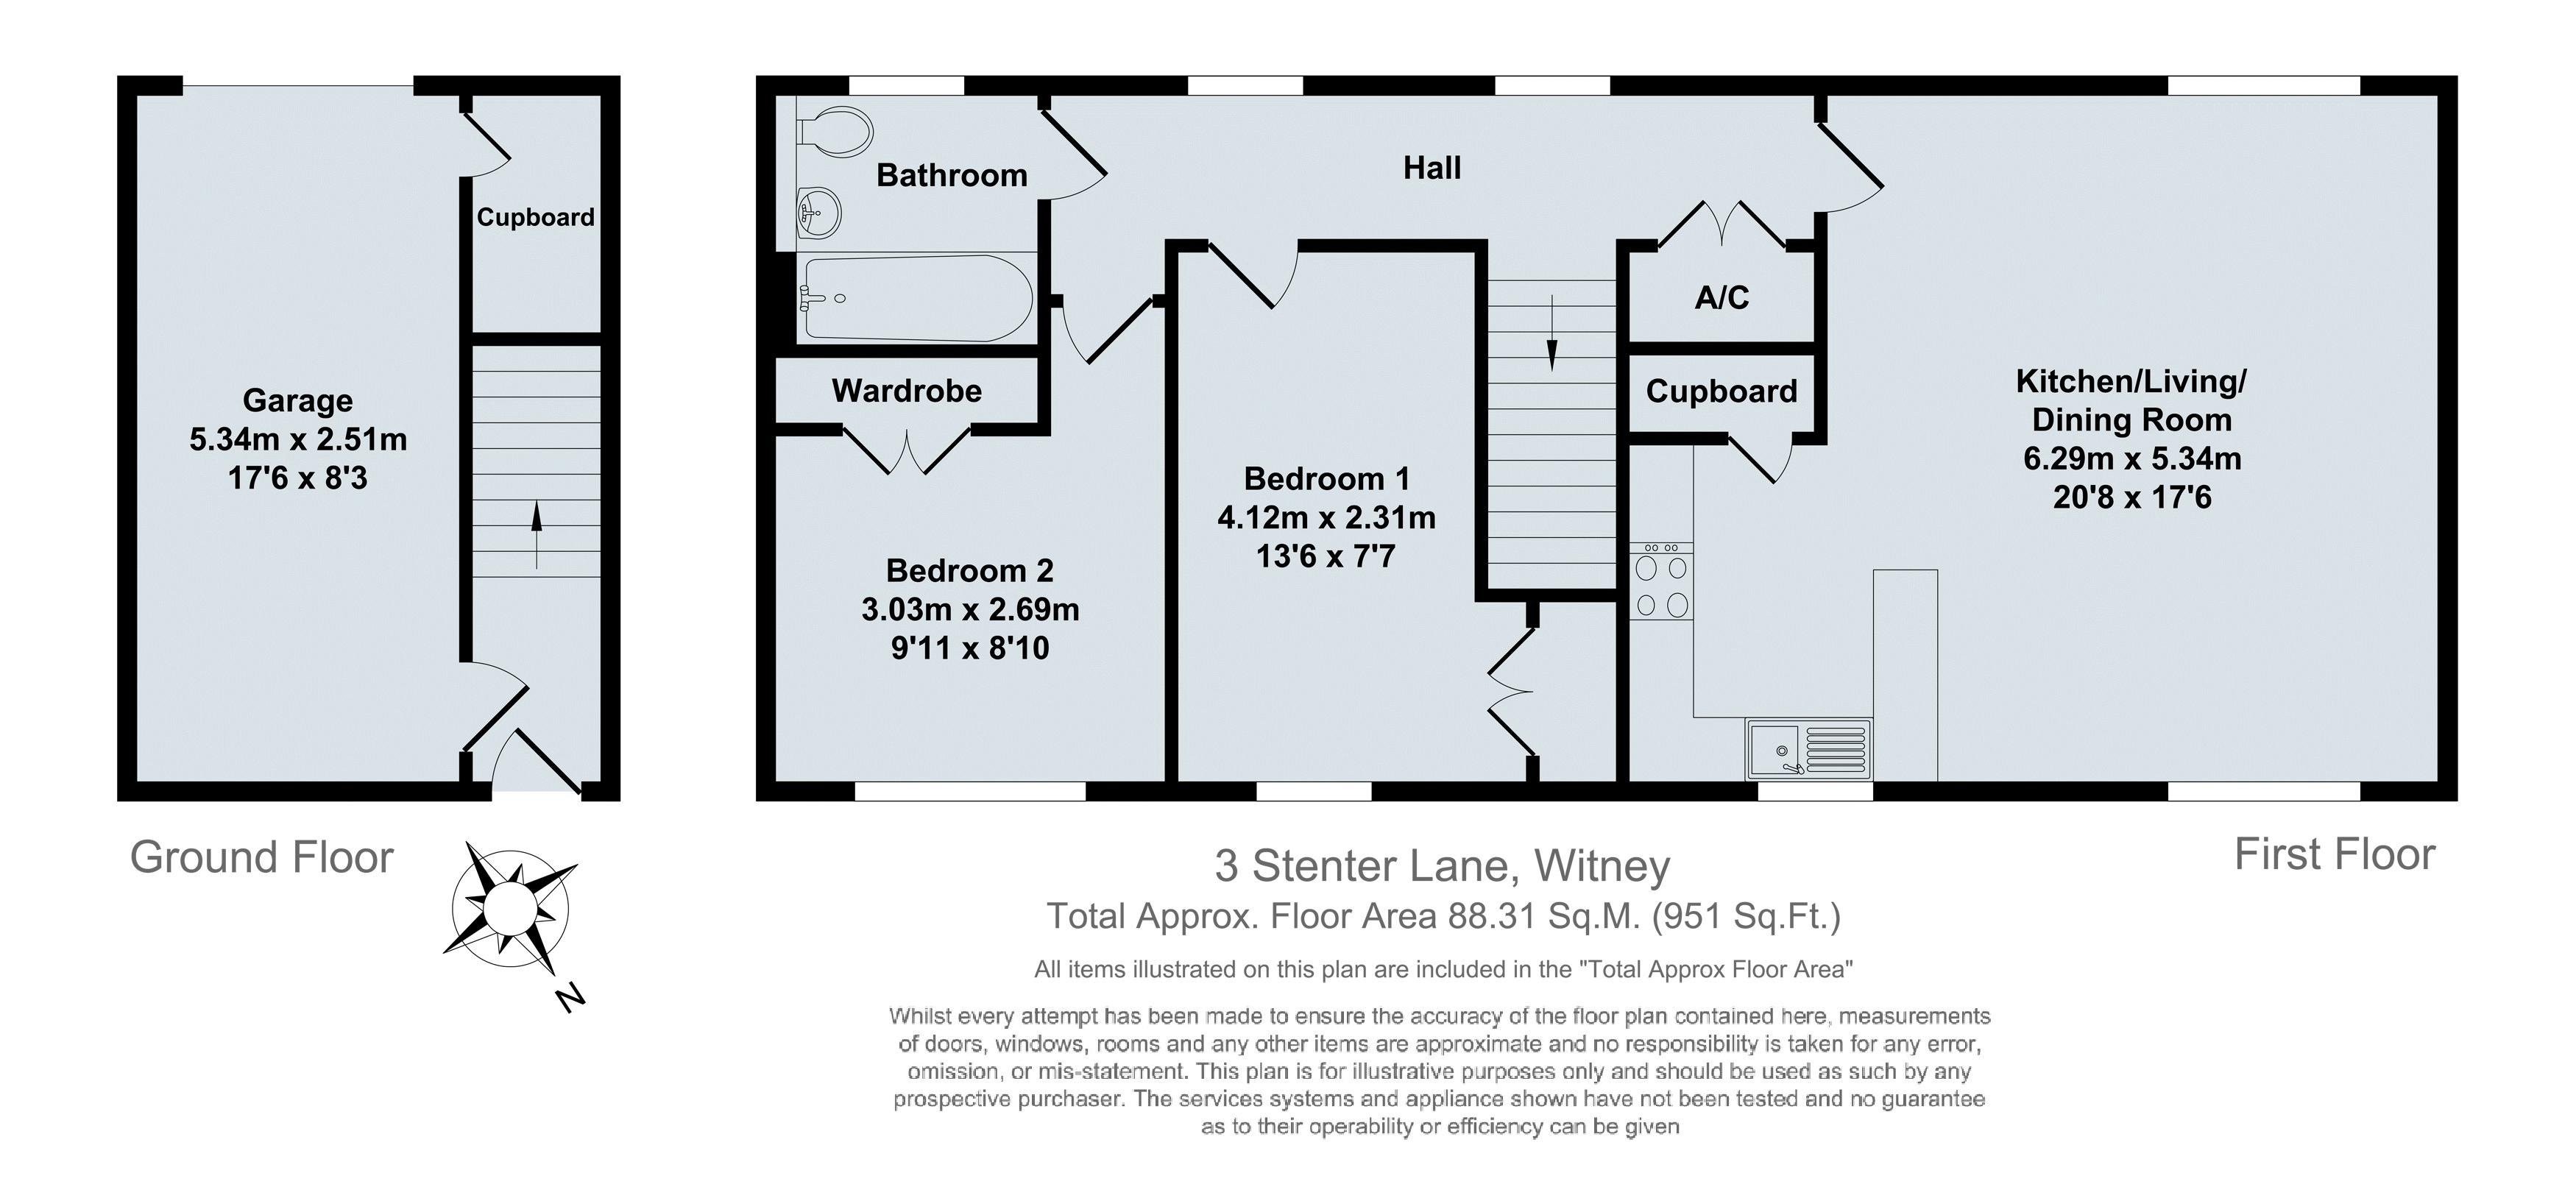 Stenter lane witney thomas merrifield for 1125 maxwell lane floor plans